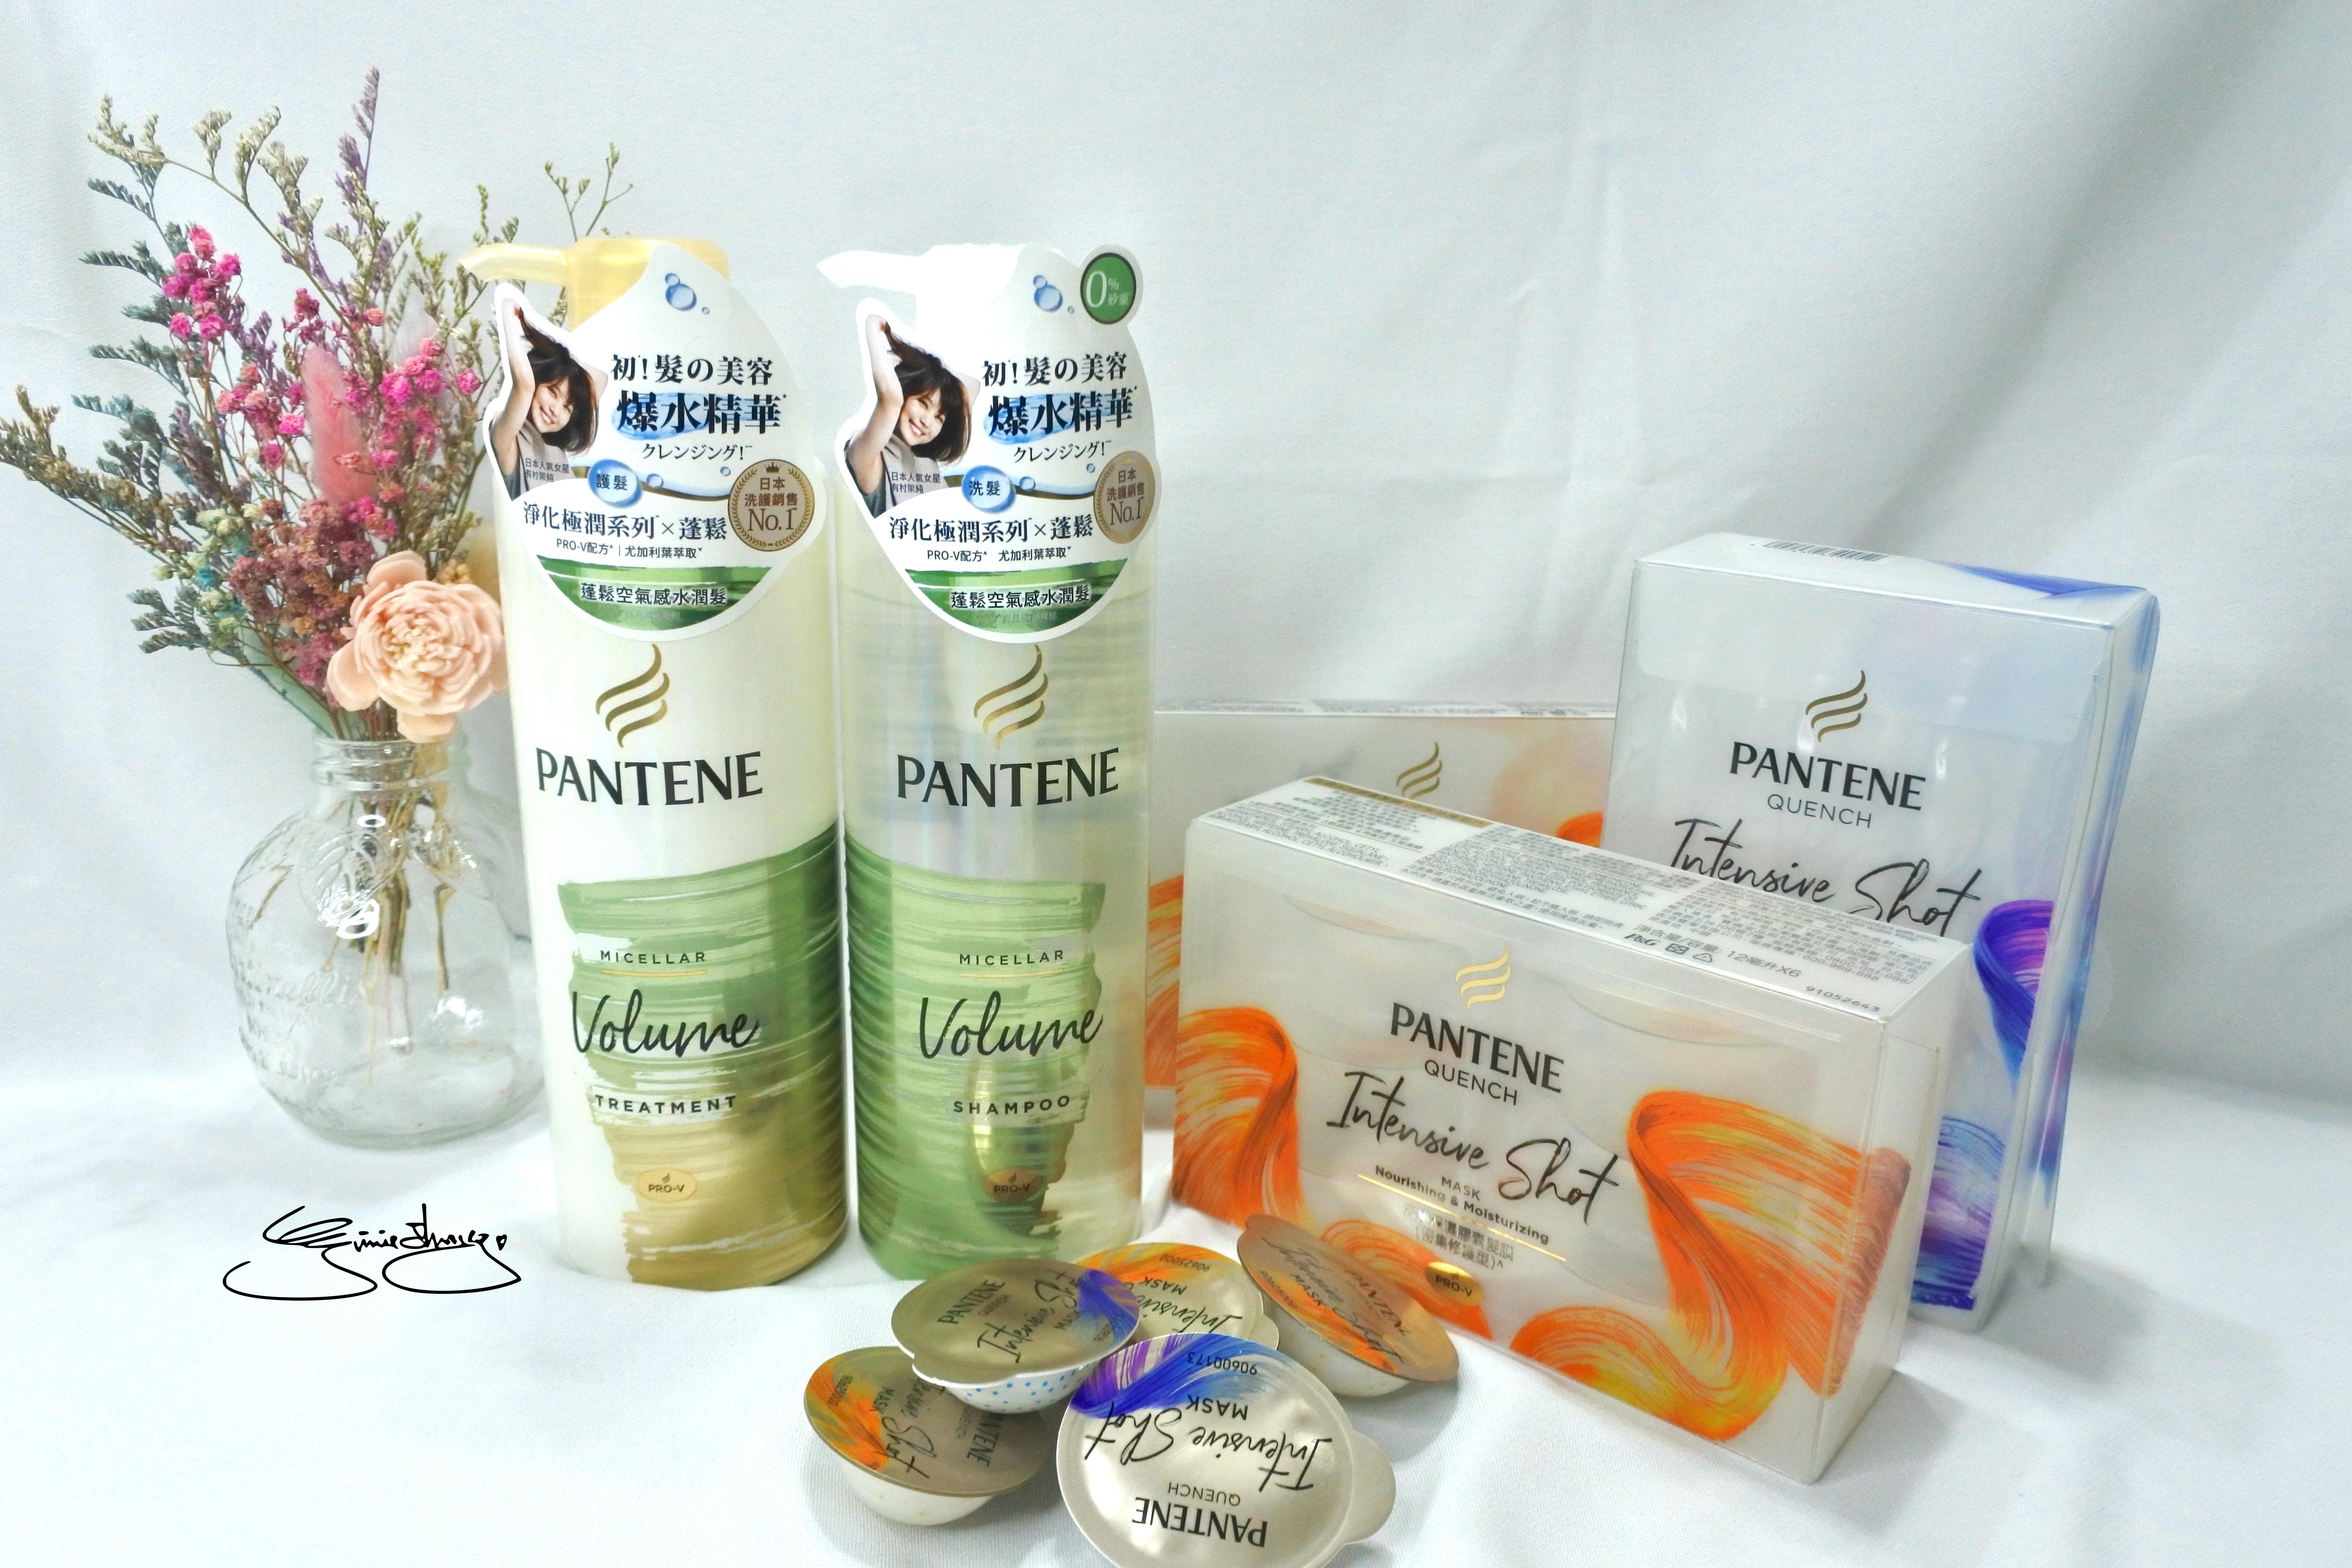 潘婷淨化極潤蓬鬆洗髮露、淨化極潤蓬鬆護髮精華素、高濃保濕膠囊髮膜—密集修護